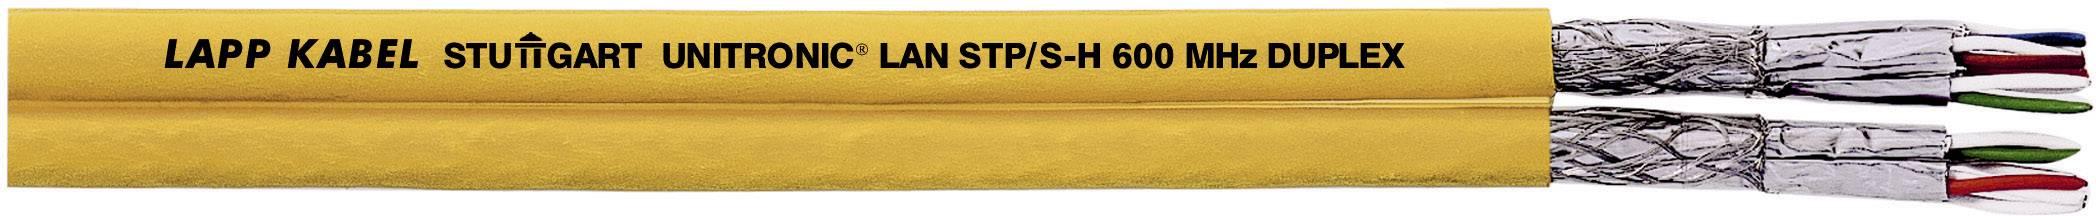 Sieťový kábel ethernetový LappKabel UNITRONIC LAN 1000 S/FTP CAT.7 DUPLEX, S/FTP, 4 x 2 x 0.25 mm², žltá, 100 m